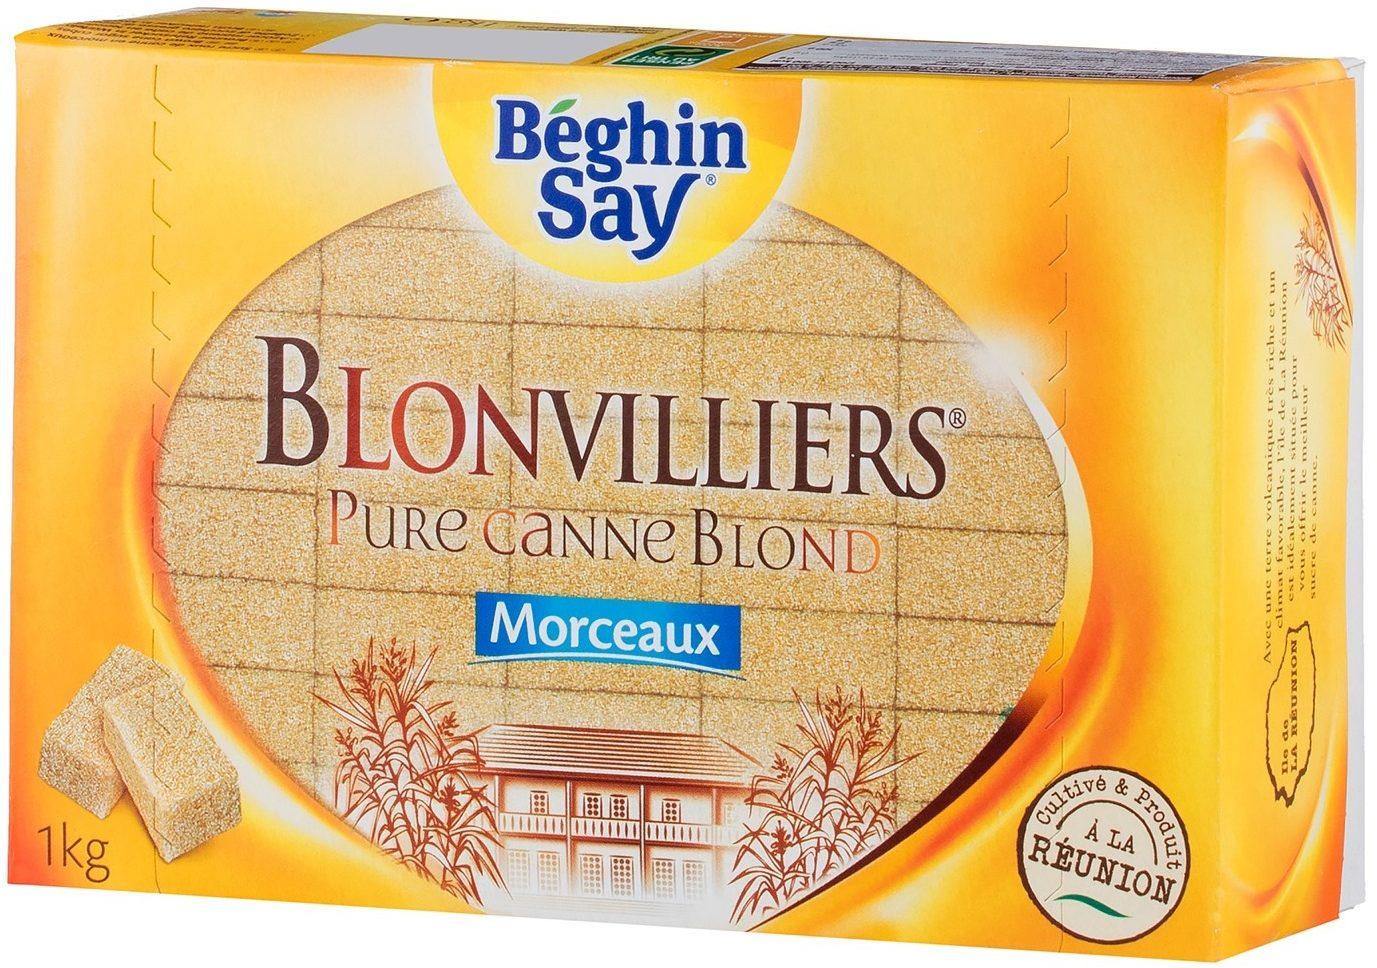 Blonvilliers morceaux - Produit - fr